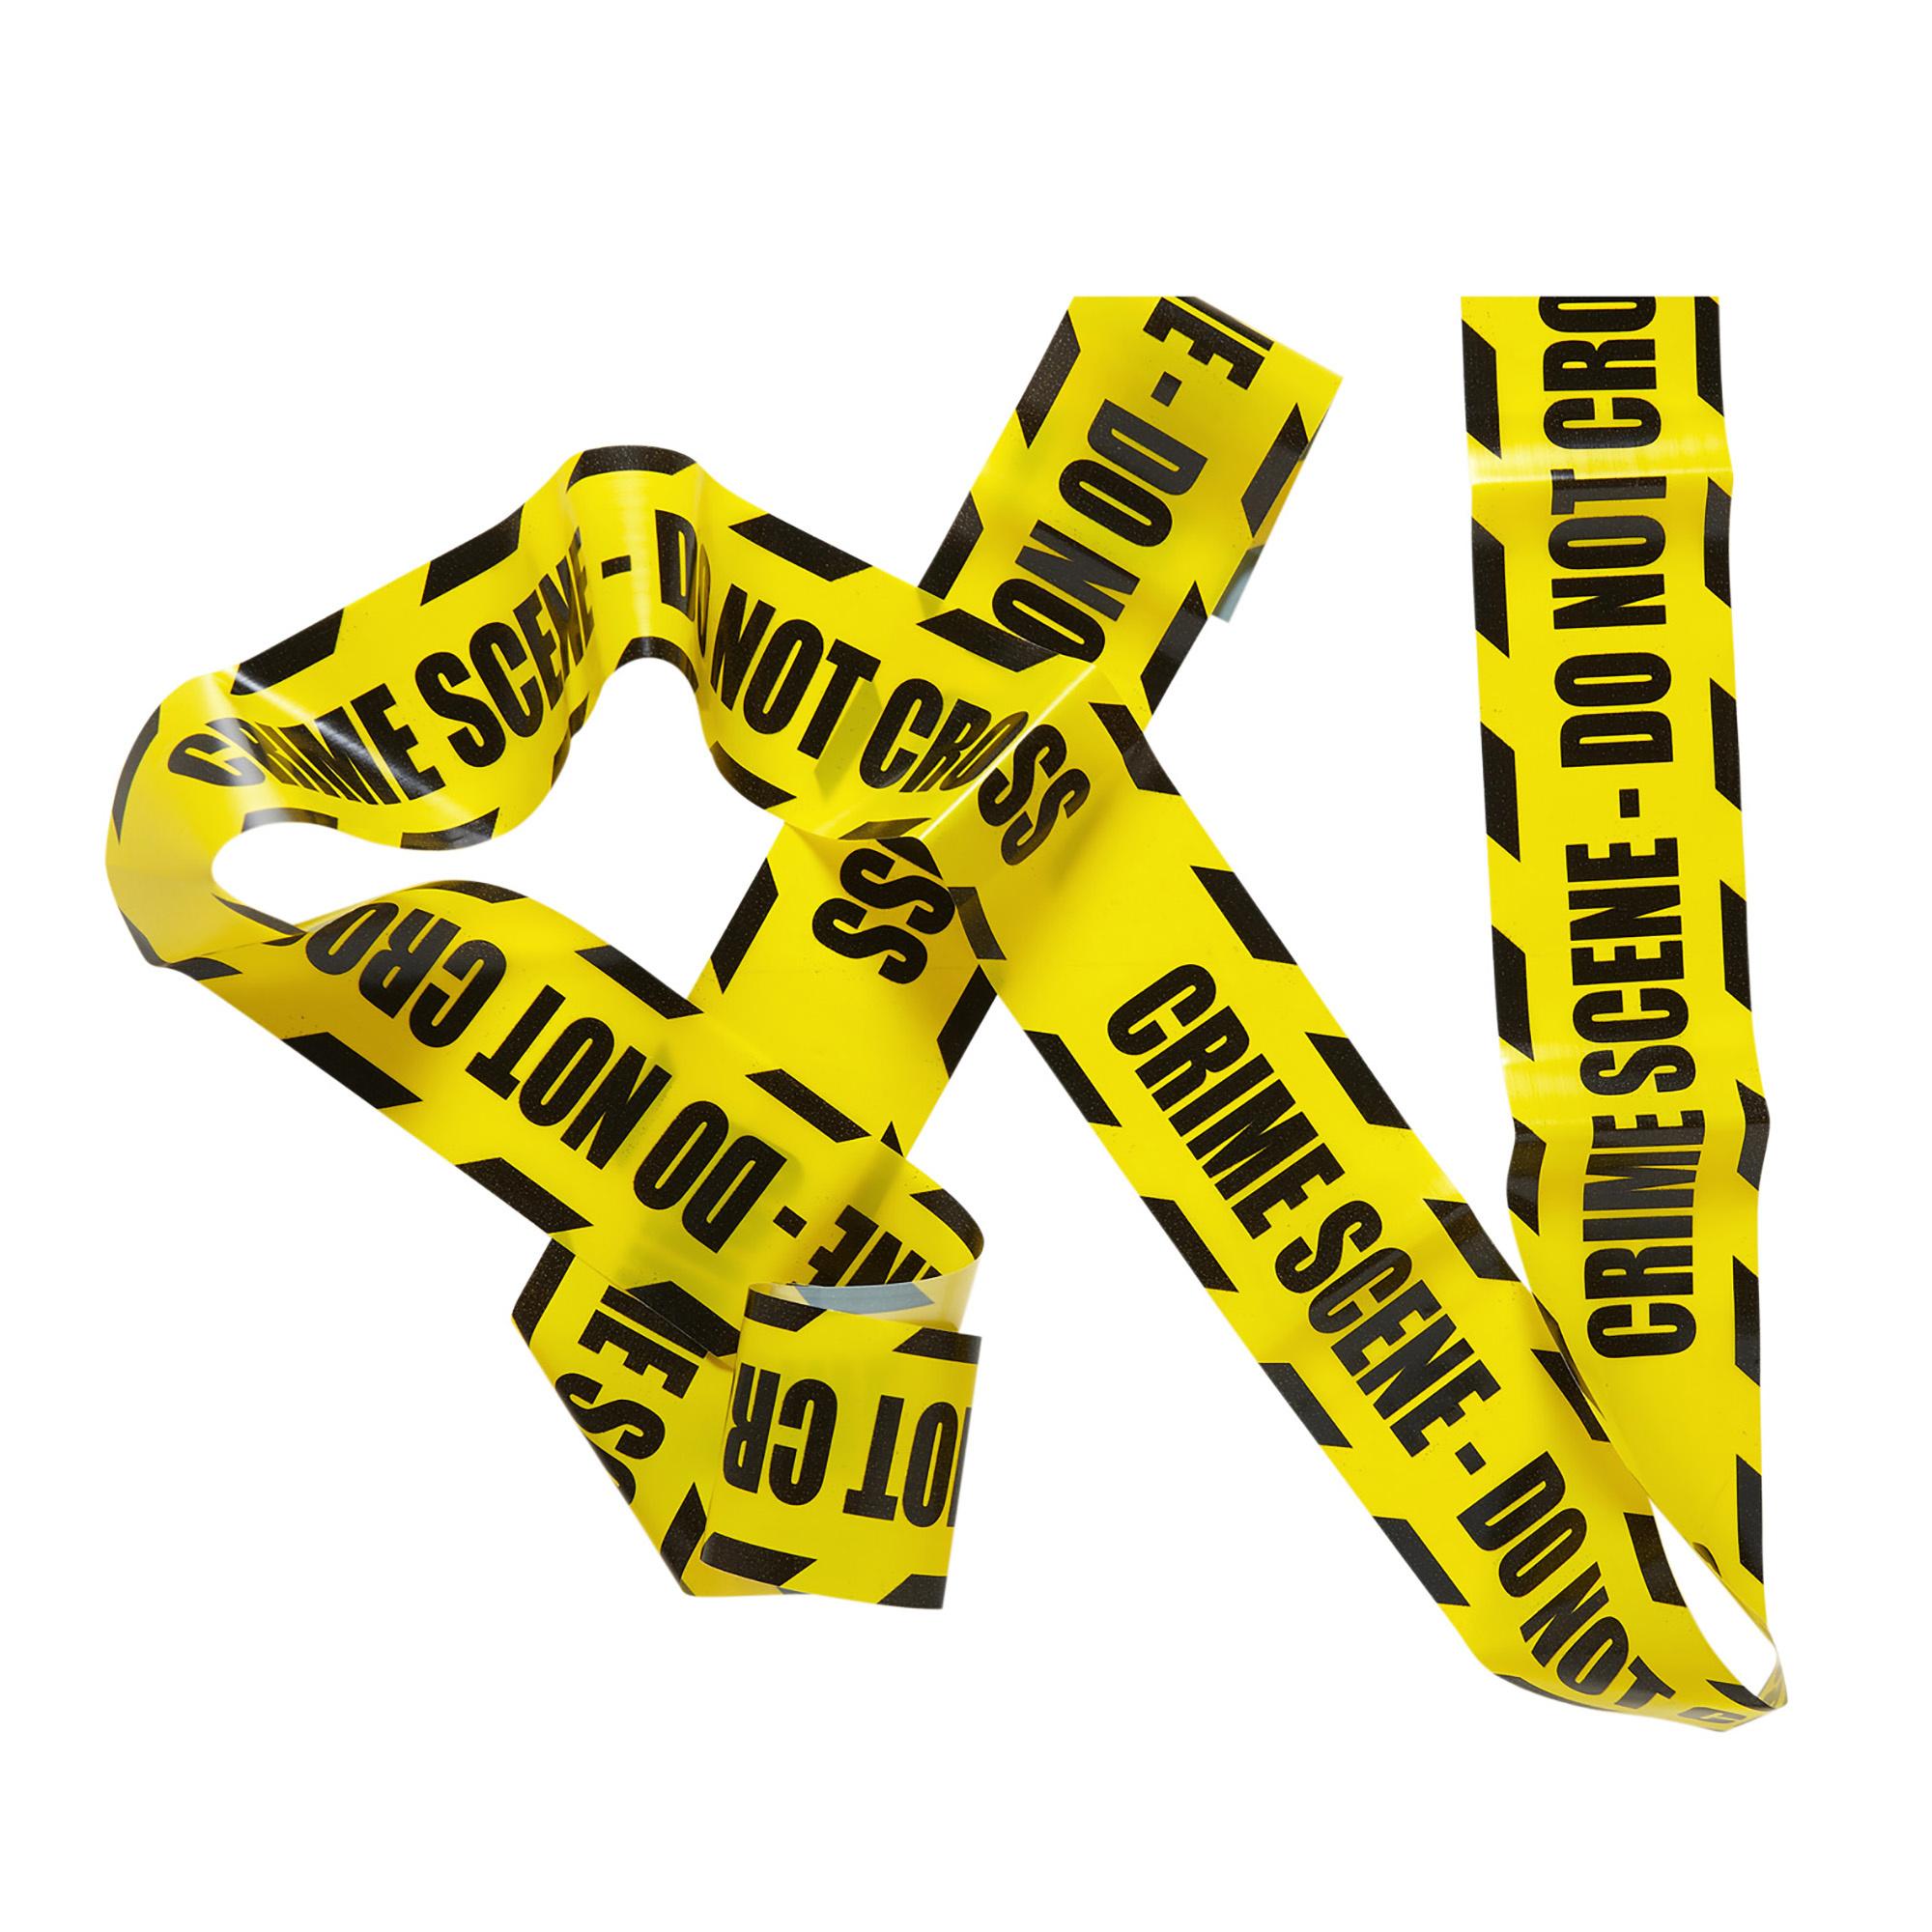 Afzet lint CSI do not cross politie